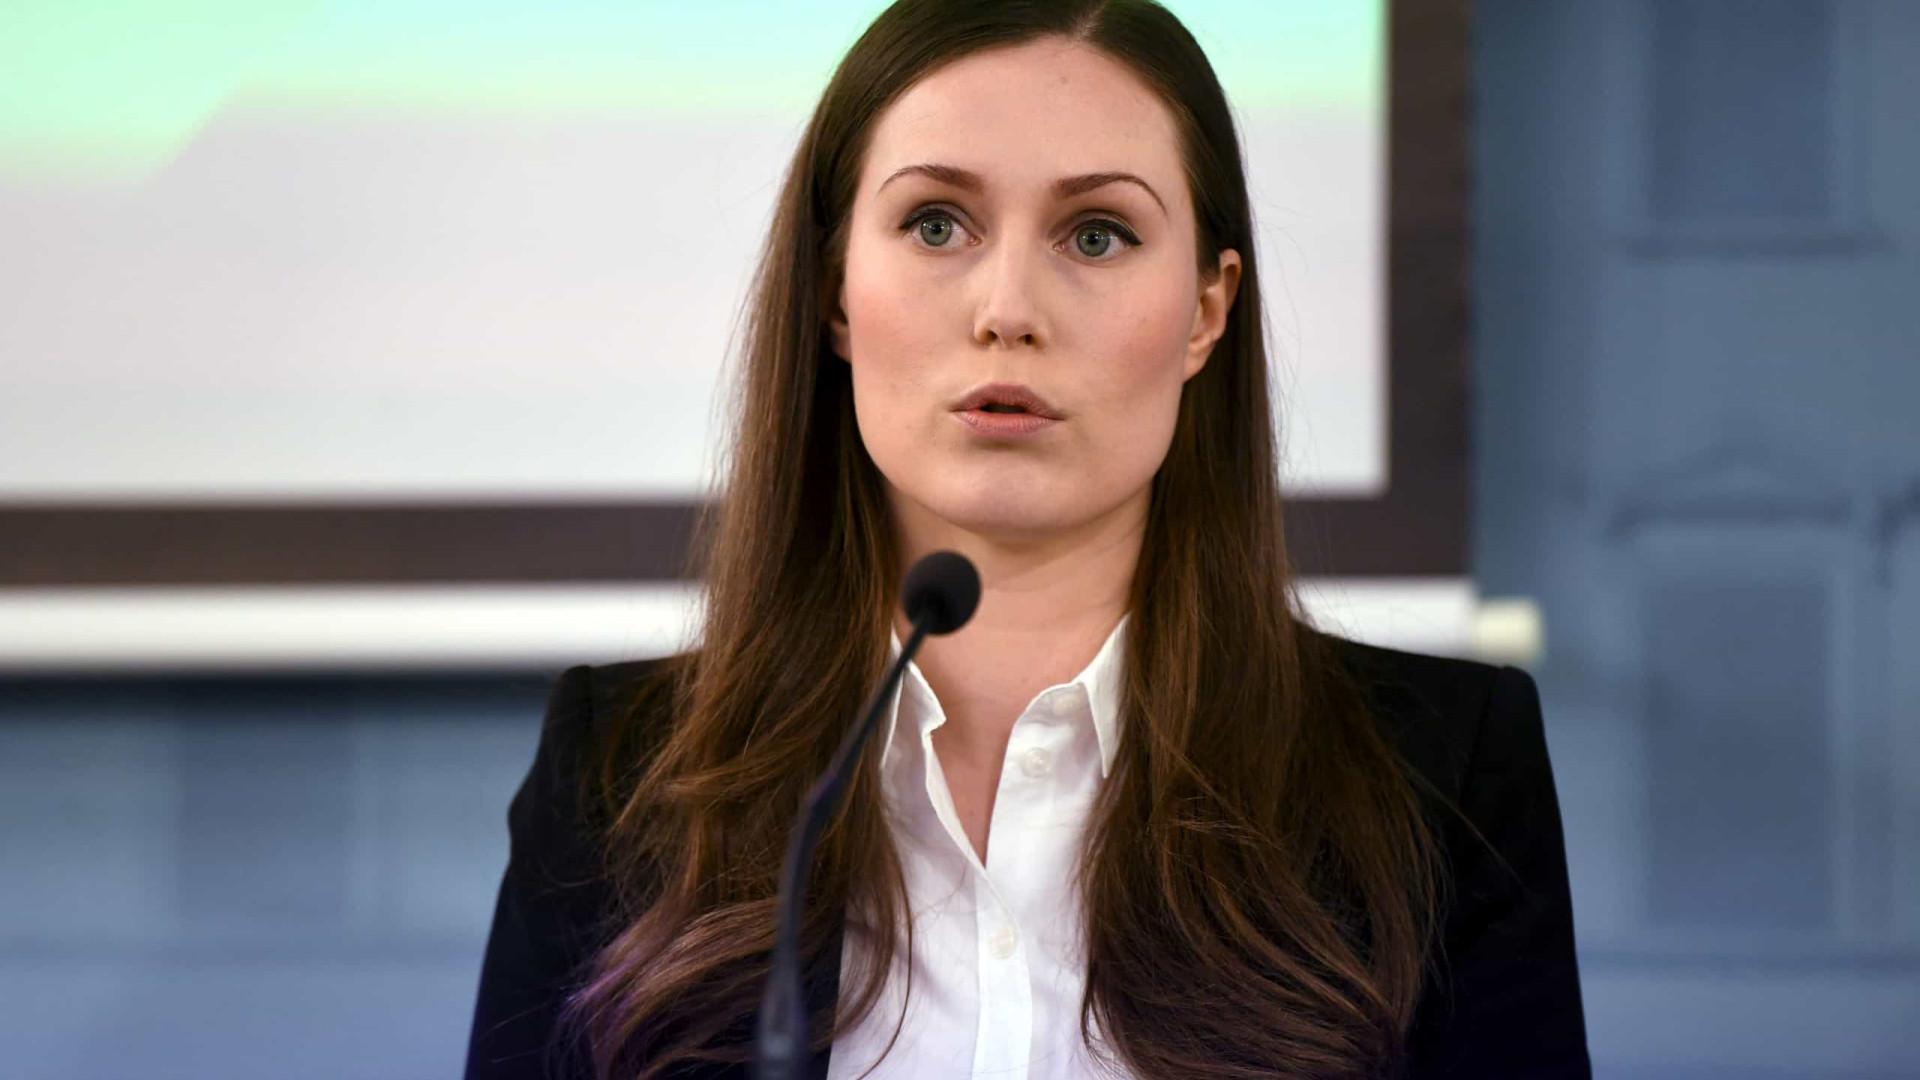 Ministra finlandesa demite-se após alegado uso indevido de fundos